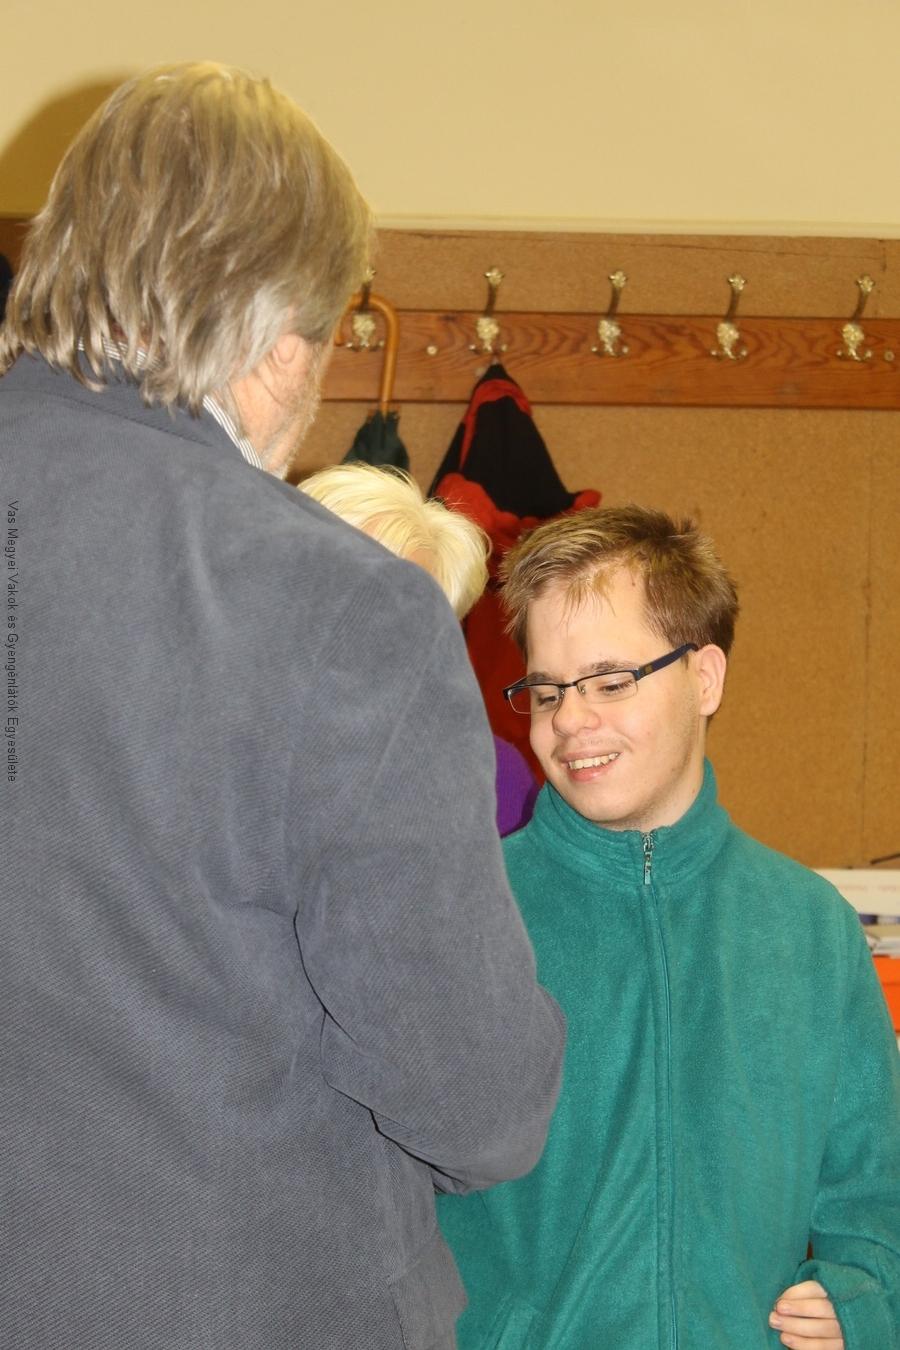 Csiszár Tamás, a KDG diákja, 16 éves. Fogadja Márkus Árpád elismerését.